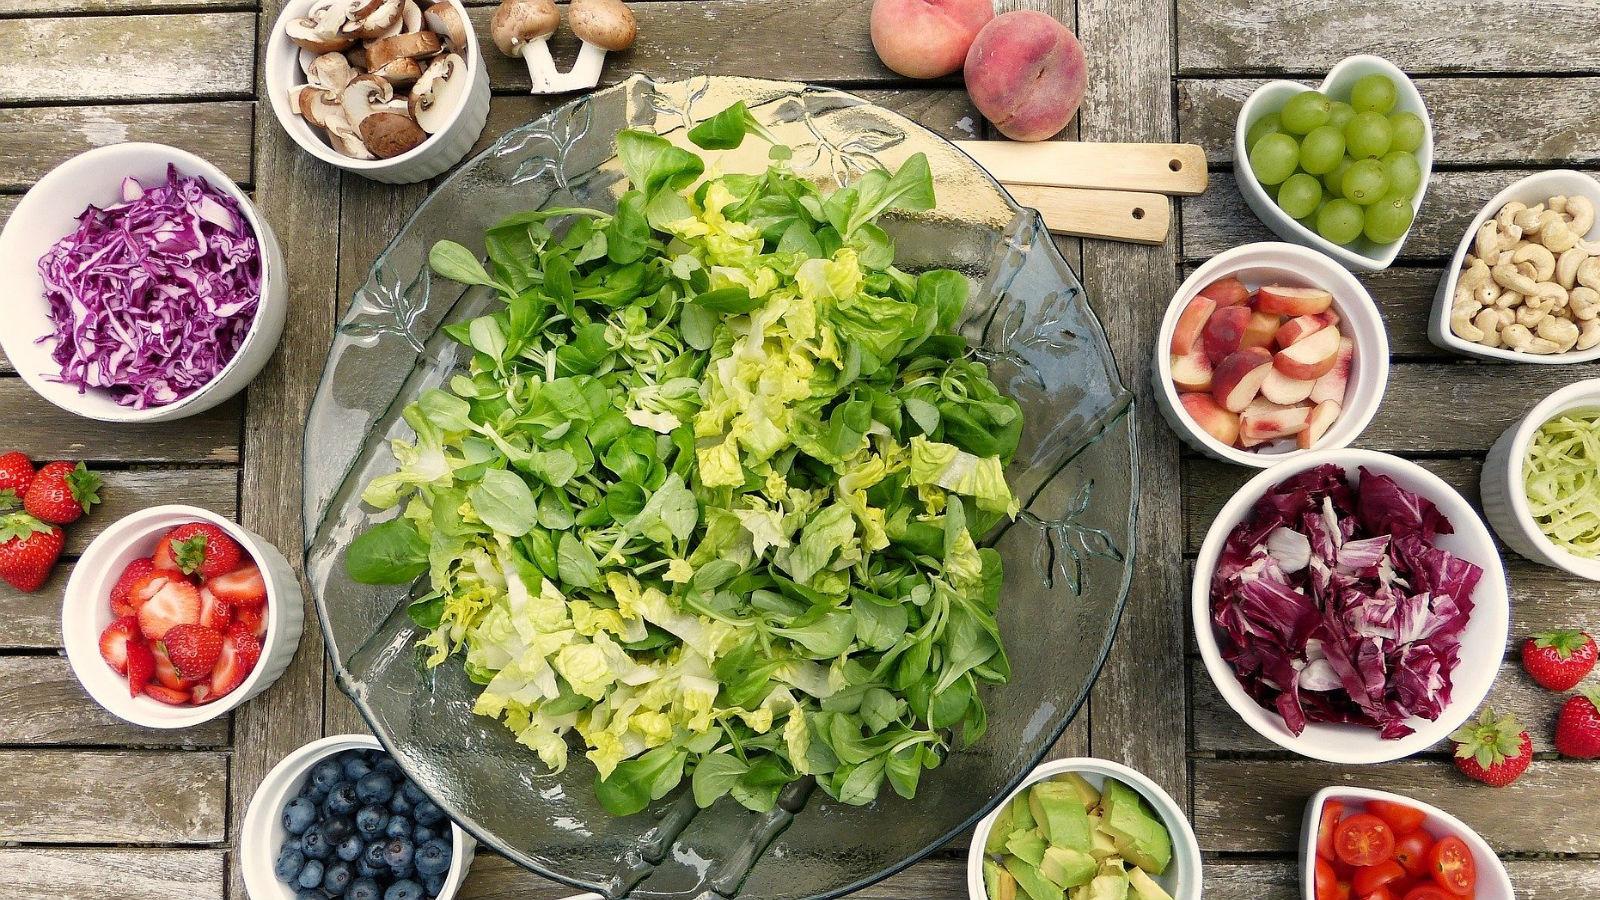 ¿Quieres llevar una dieta vegetariana? El balance es crítico